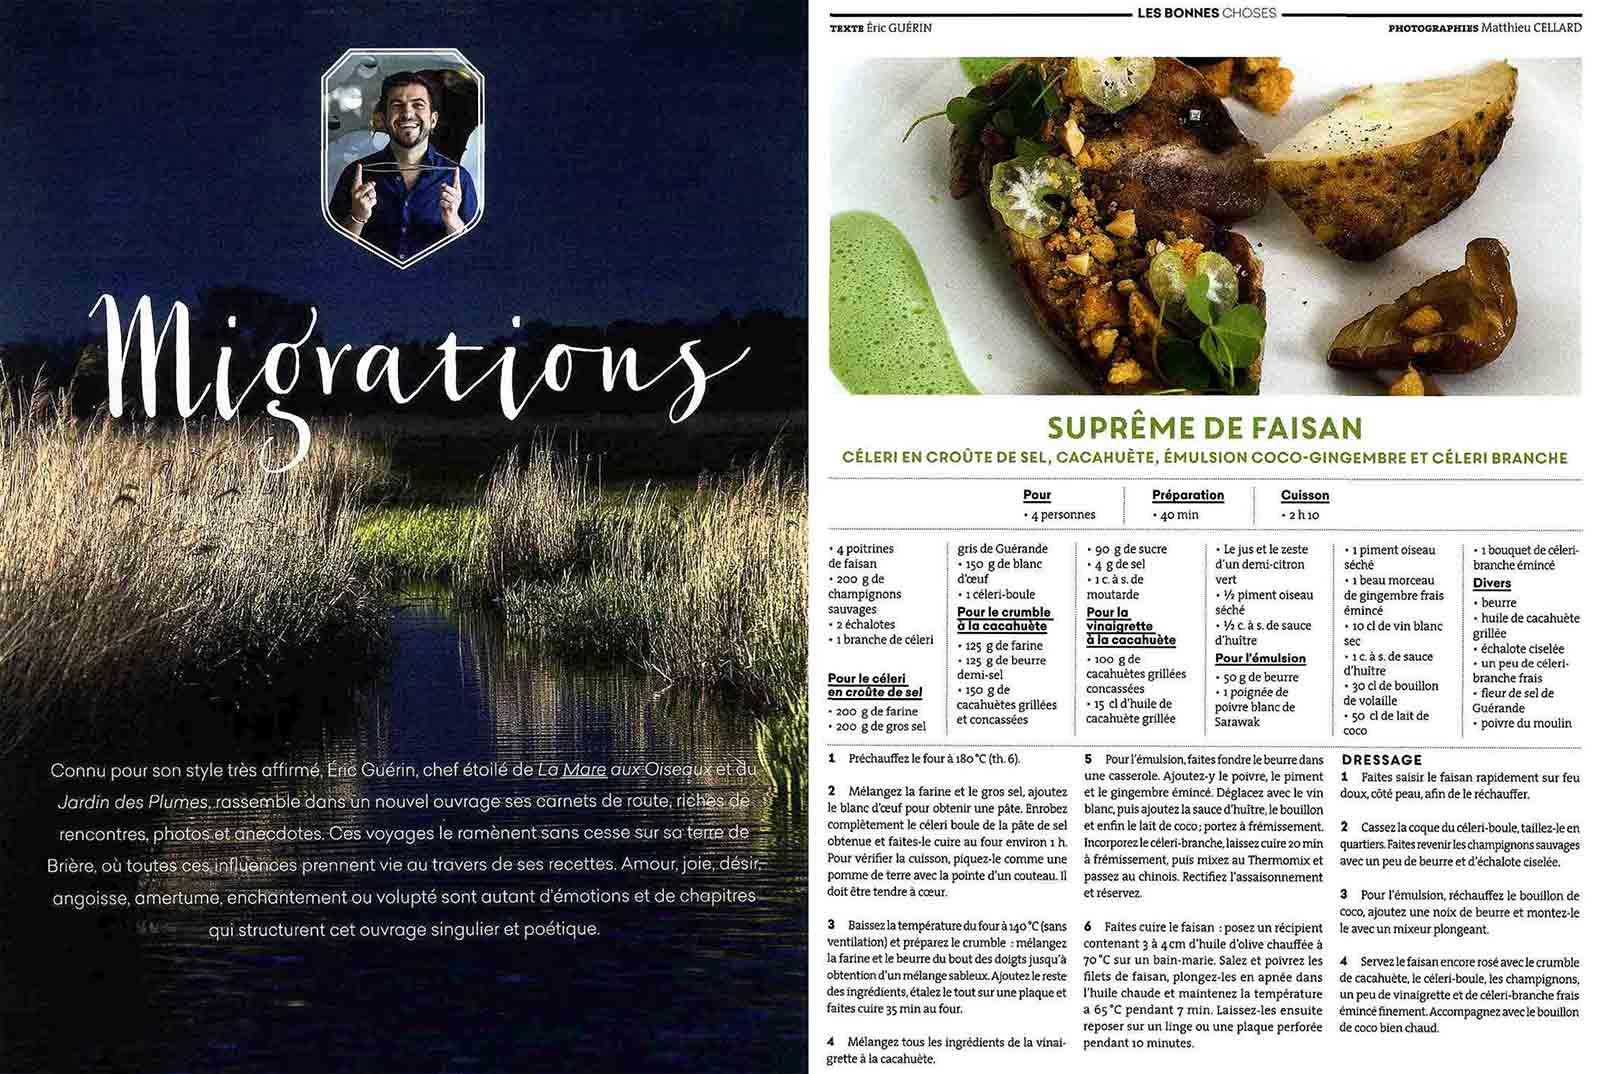 extrait de l'article consacré à Eric Guerin dans Fou de Cuisine numéro 2